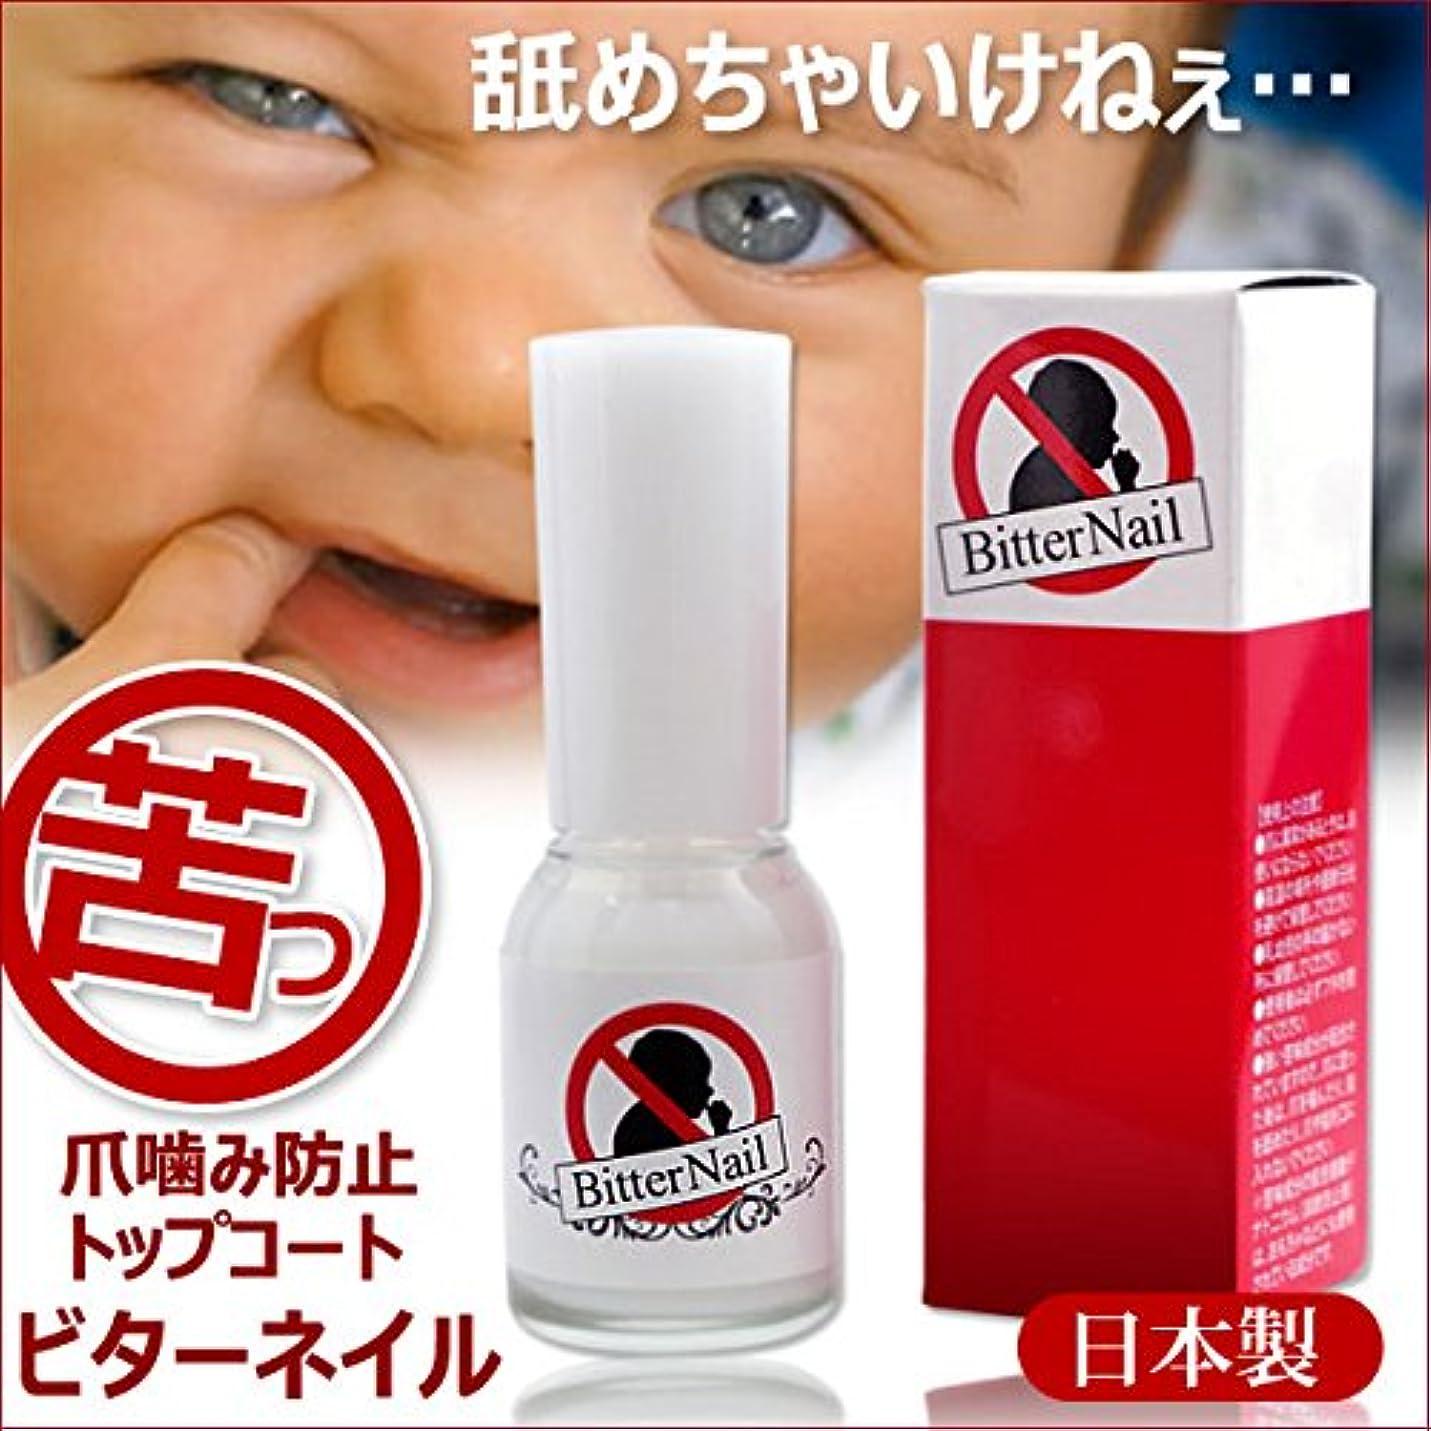 主婦めったに遠足ビターネイル 10ml 日本製爪噛み防止トップコート 増量版 爪噛み 指しゃぶり